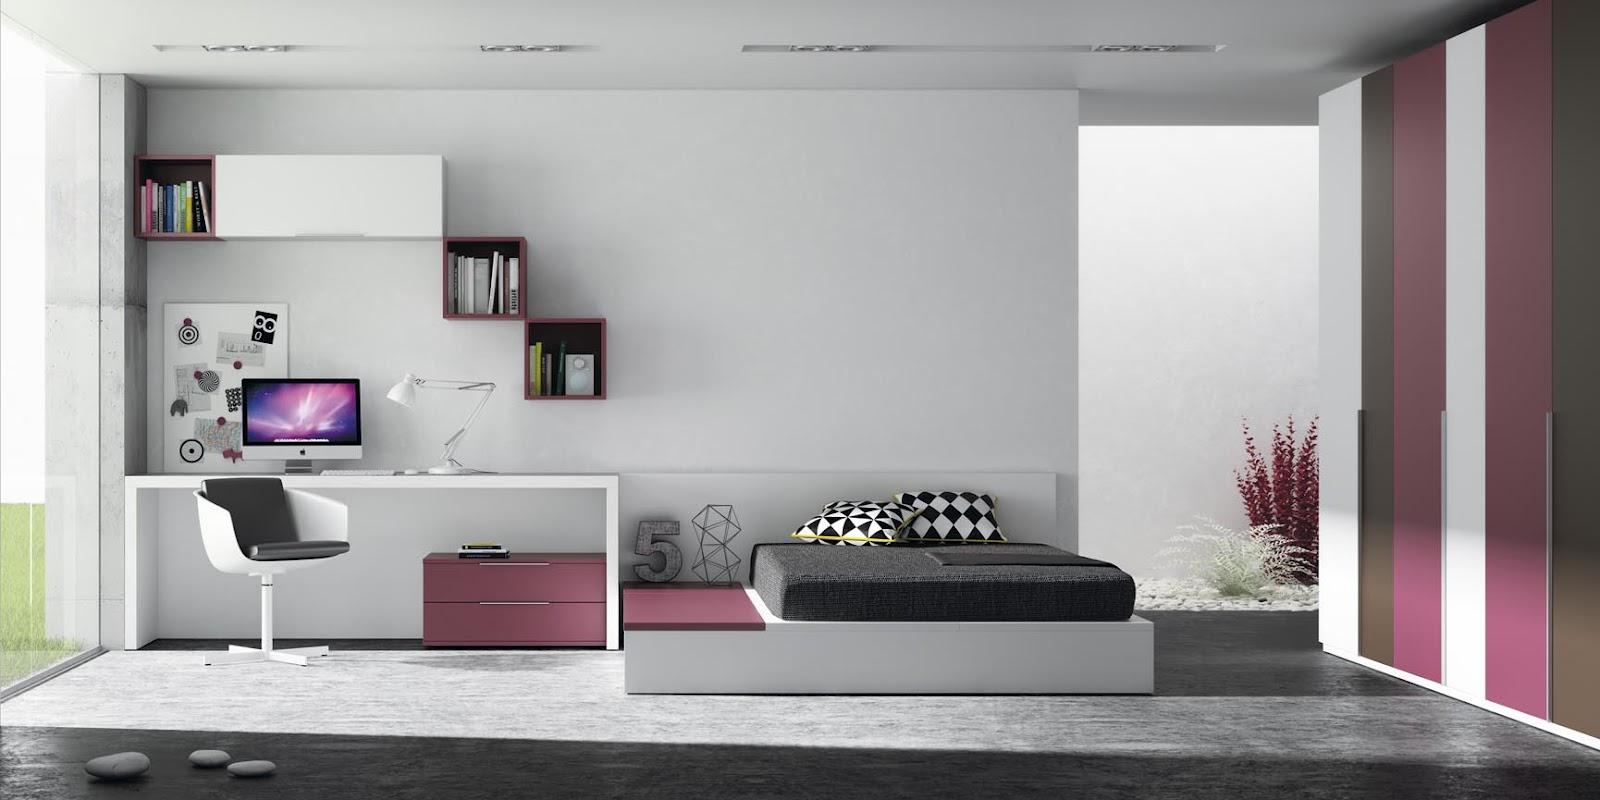 Dormitorios juveniles para adolescentes de 12 a os 13 a os for Dormitorios juveniles con cama grande